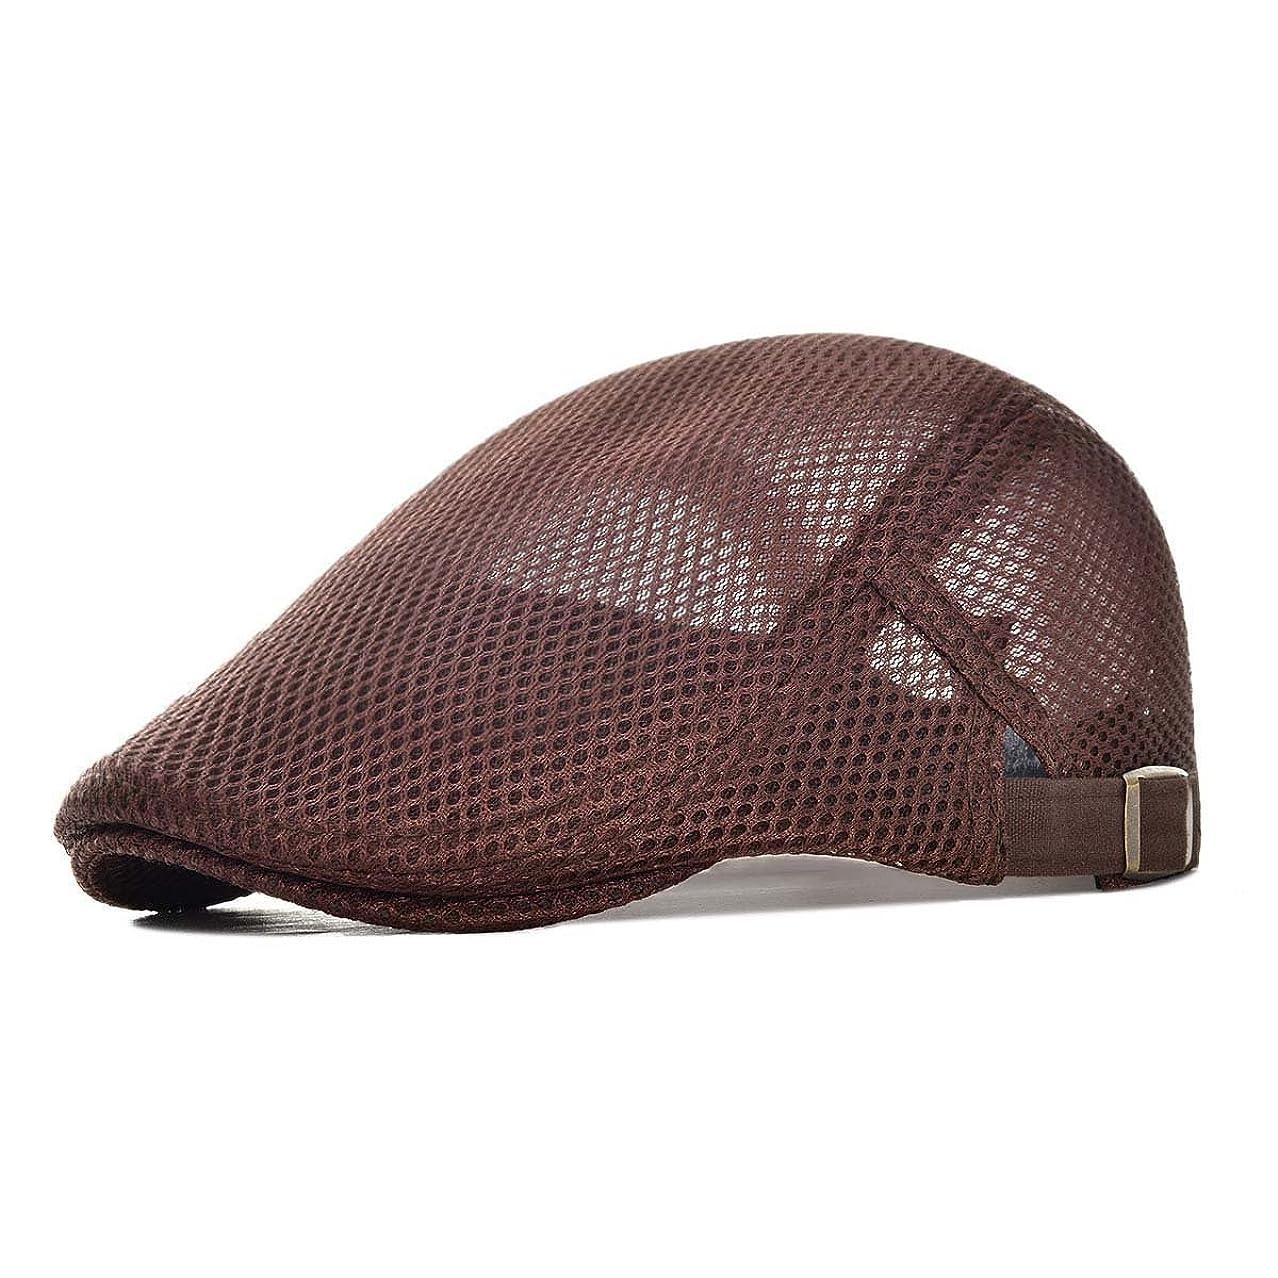 特異性ヤギ暖かくVOBOOM オール メッシュ ハンチング メンズ レディース 夏用 メッシュ キャップ 帽子 メッシュ ワークキャップ BDMZ124